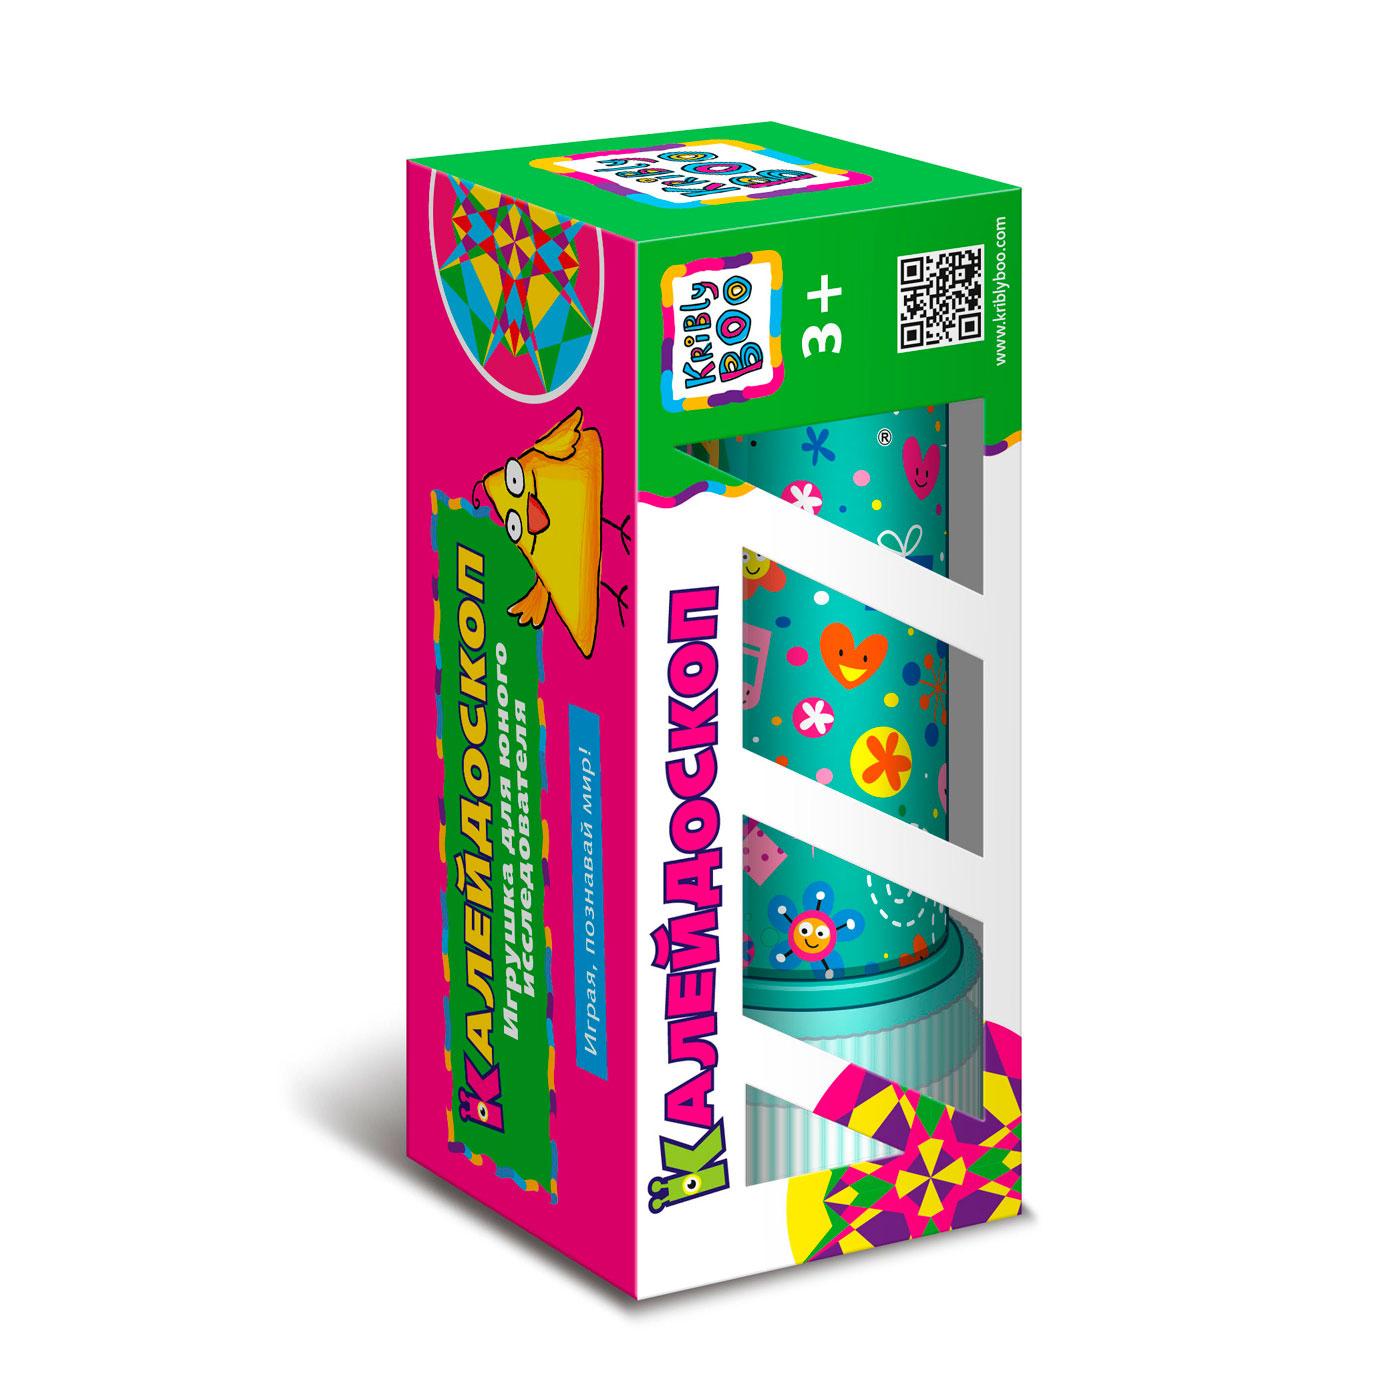 Игрушка для юного исследователя Kribly Boo Калейдоскоп<br>